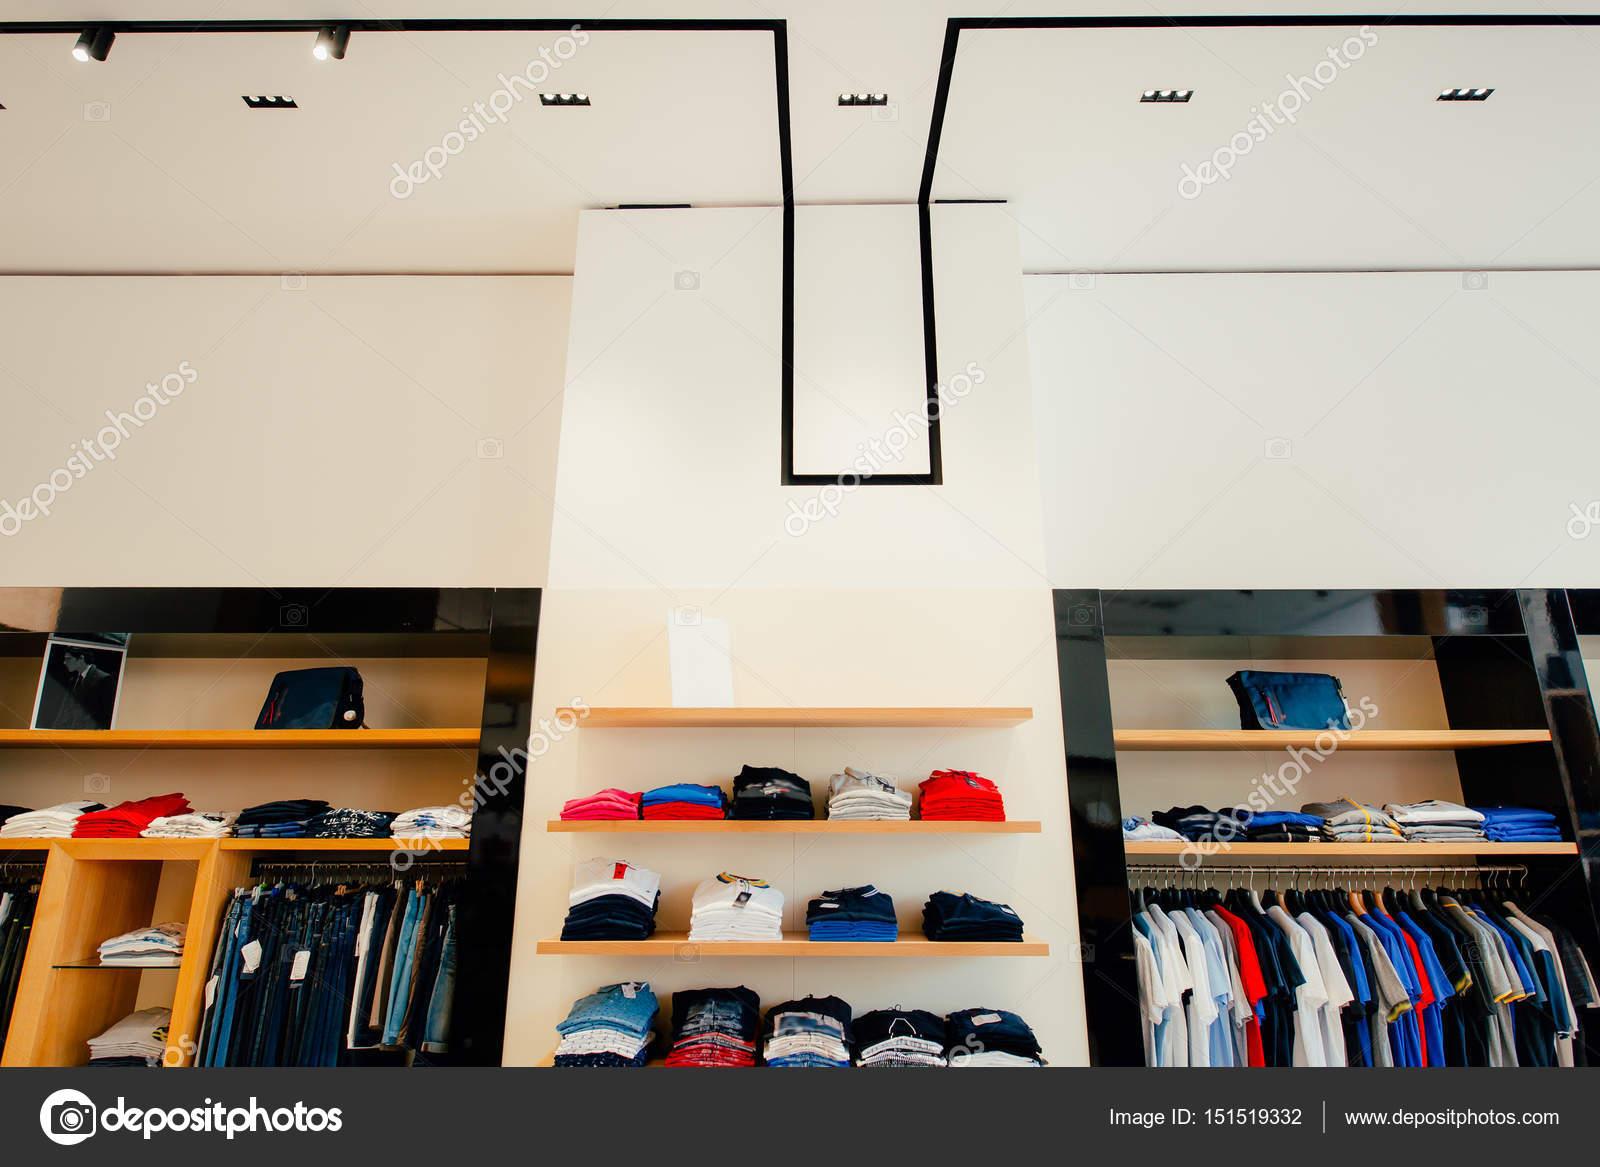 13702034cfe3 Interno di un negozio di abbigliamento. Abbigliamento per uomini e donne  sugli scaffali del negozio. Negozio di abbigliamento di fine hall shopping  — Foto ...